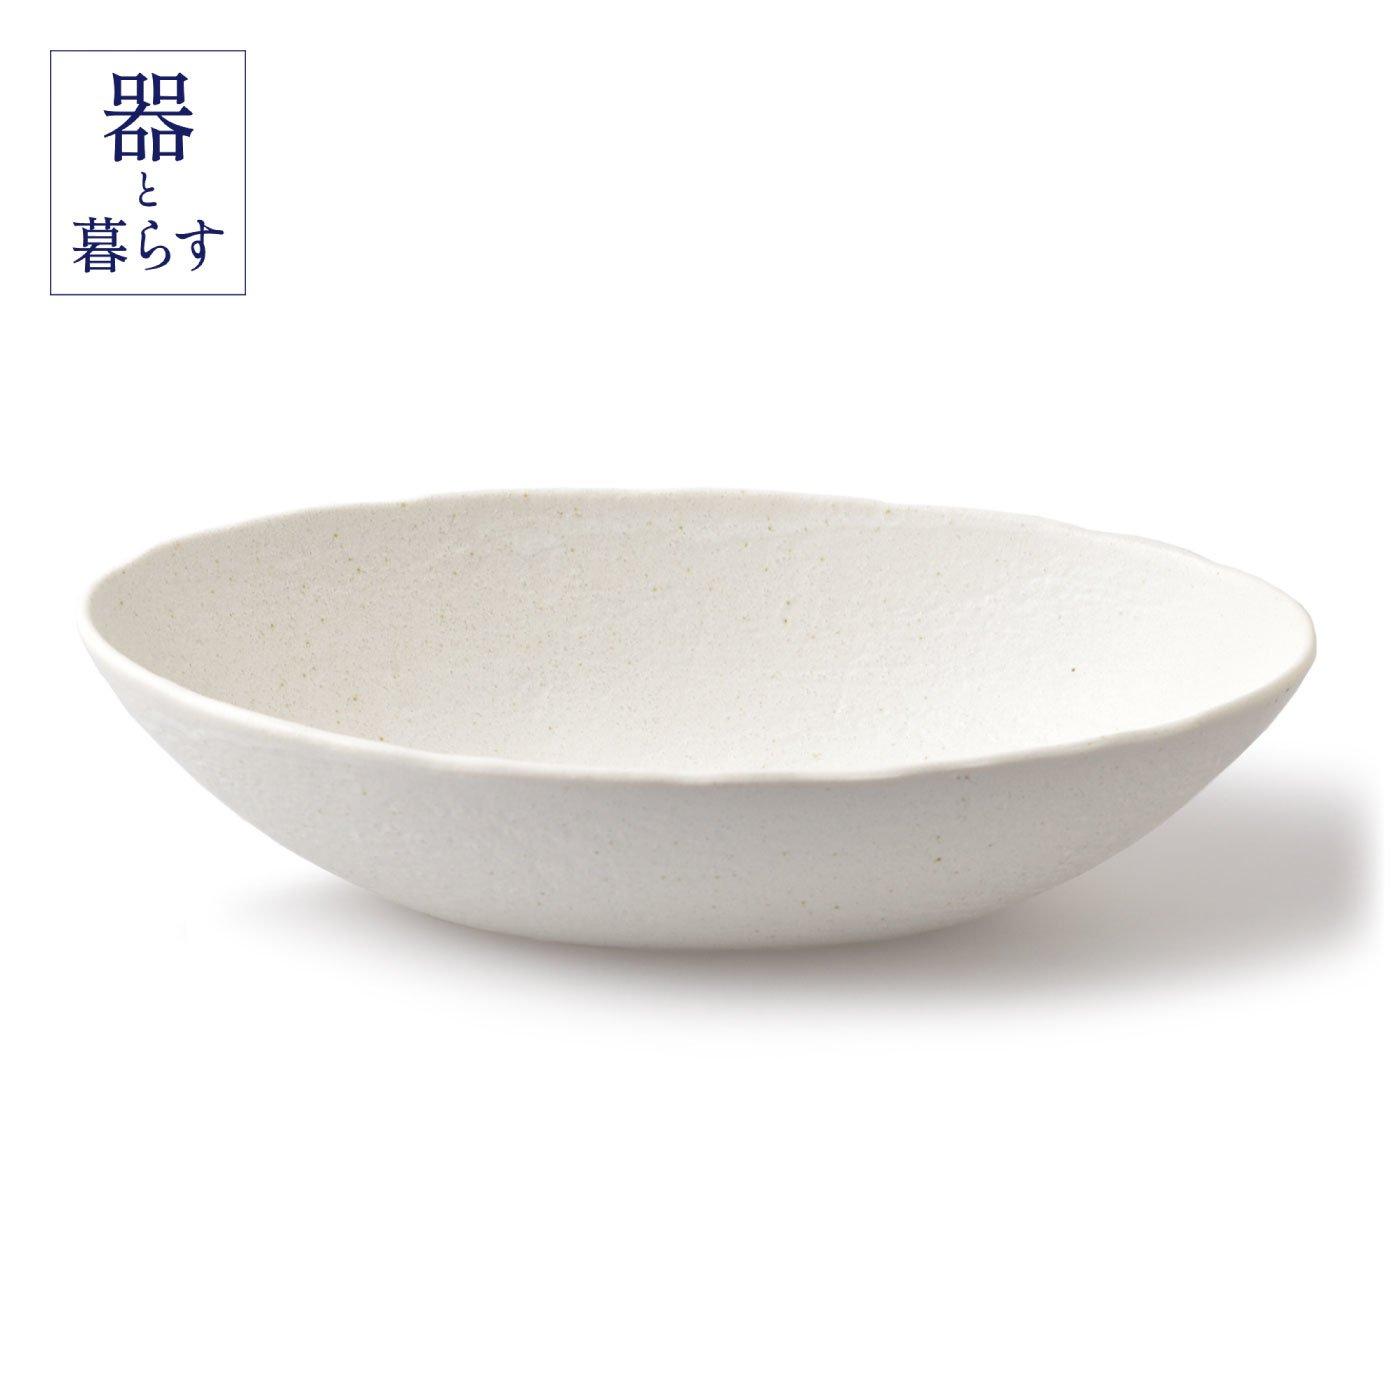 とりわけメニューにうれしい 大きめ砂目だ円鉢